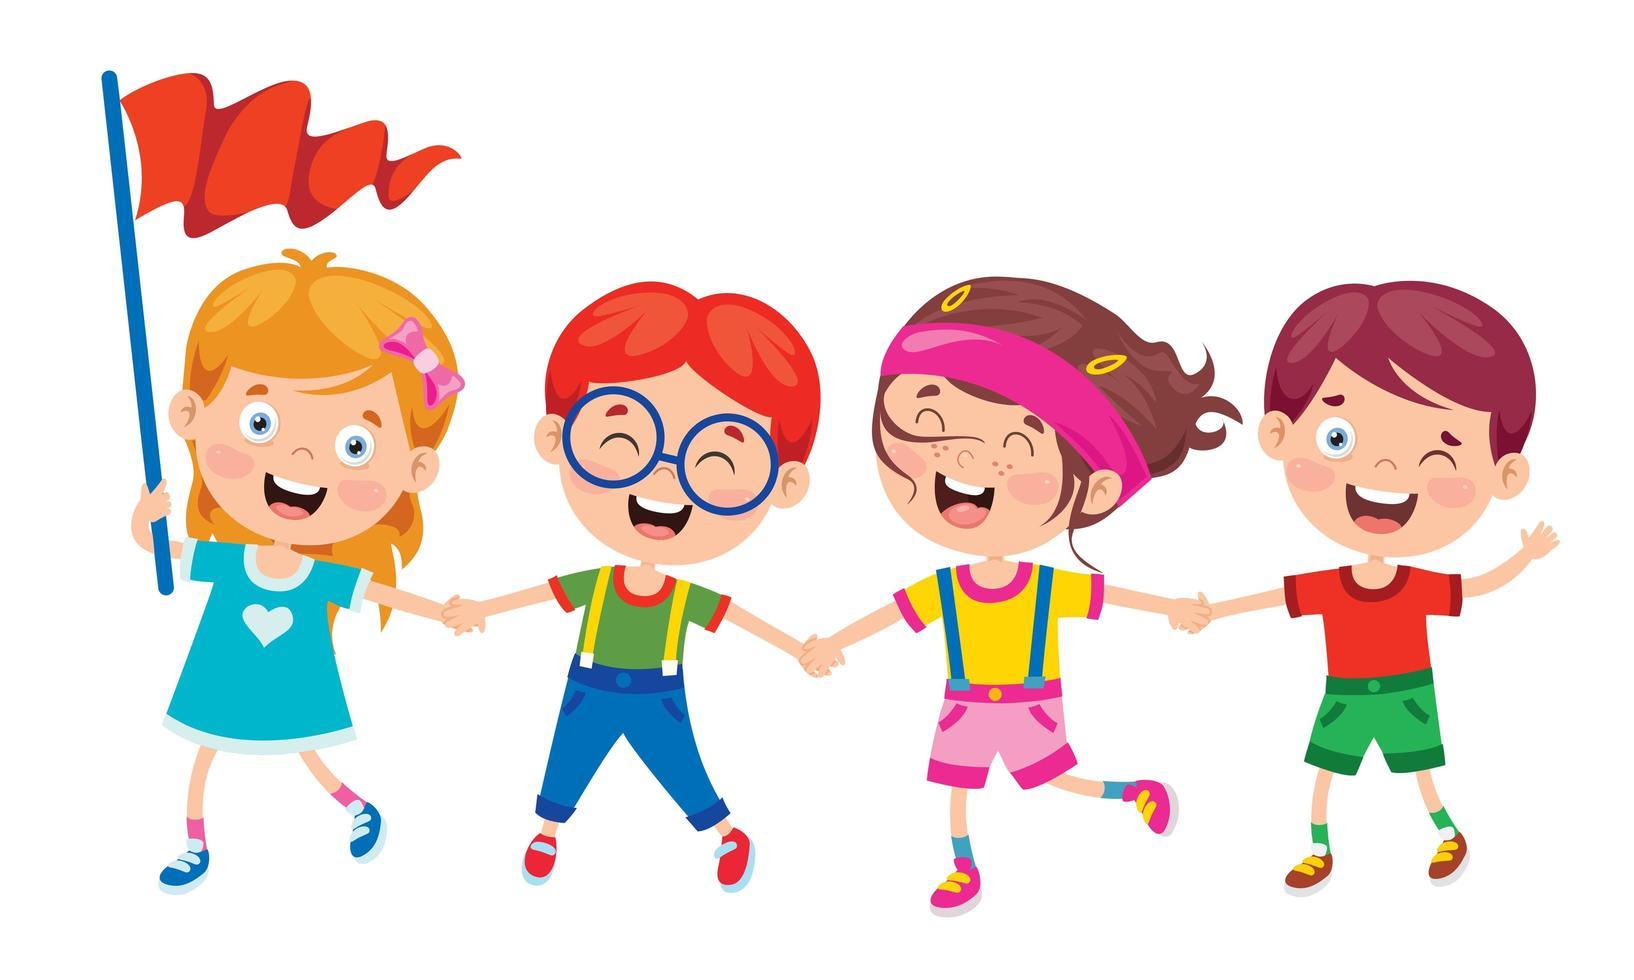 glückliche Kinder, die Hände halten, die Spaß haben vektor